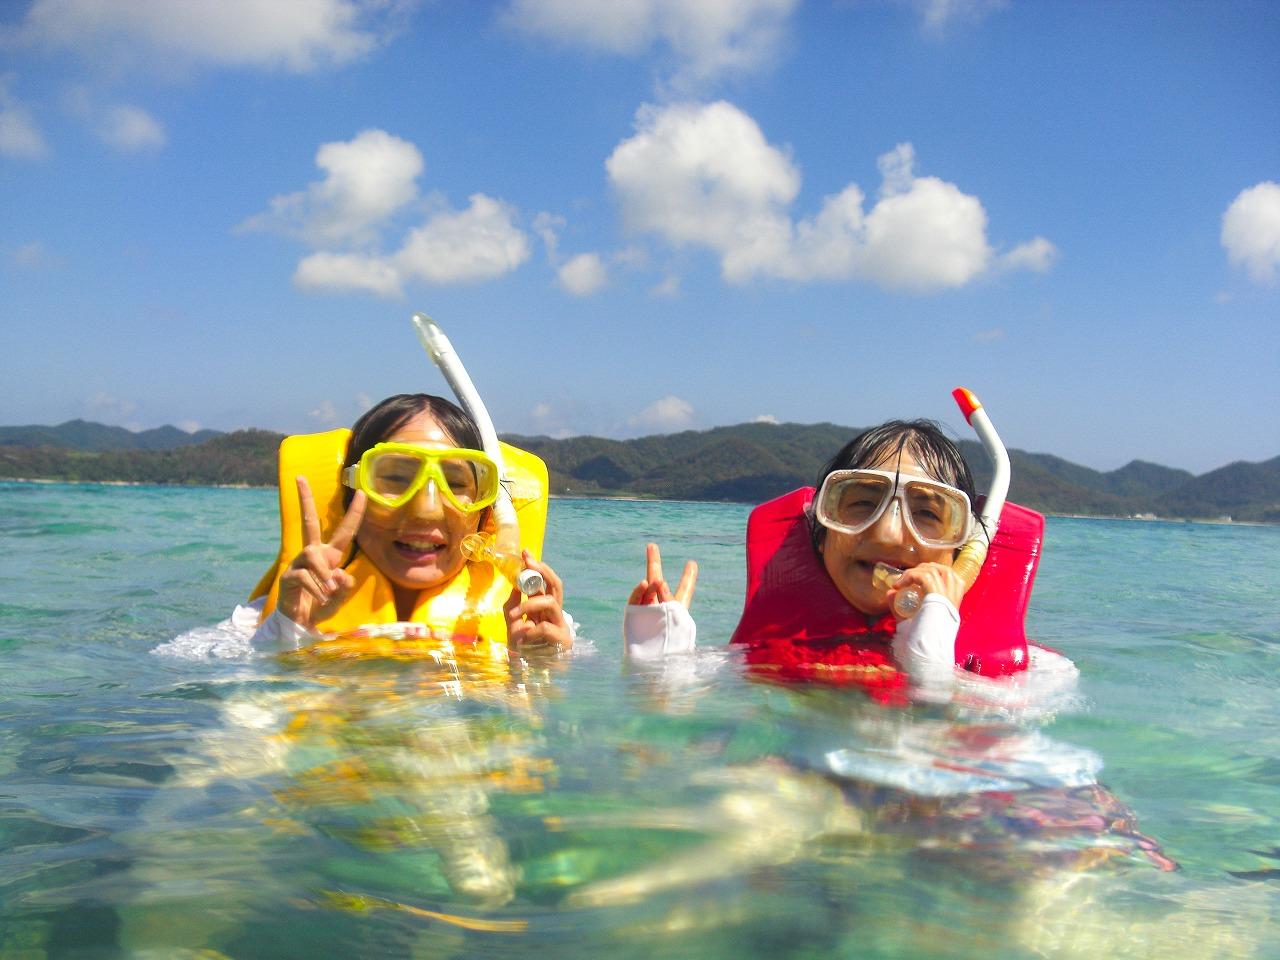 海&山のいいとこ取り!シュノーケリング&マングローブカヌー1日ツアー(No.31)